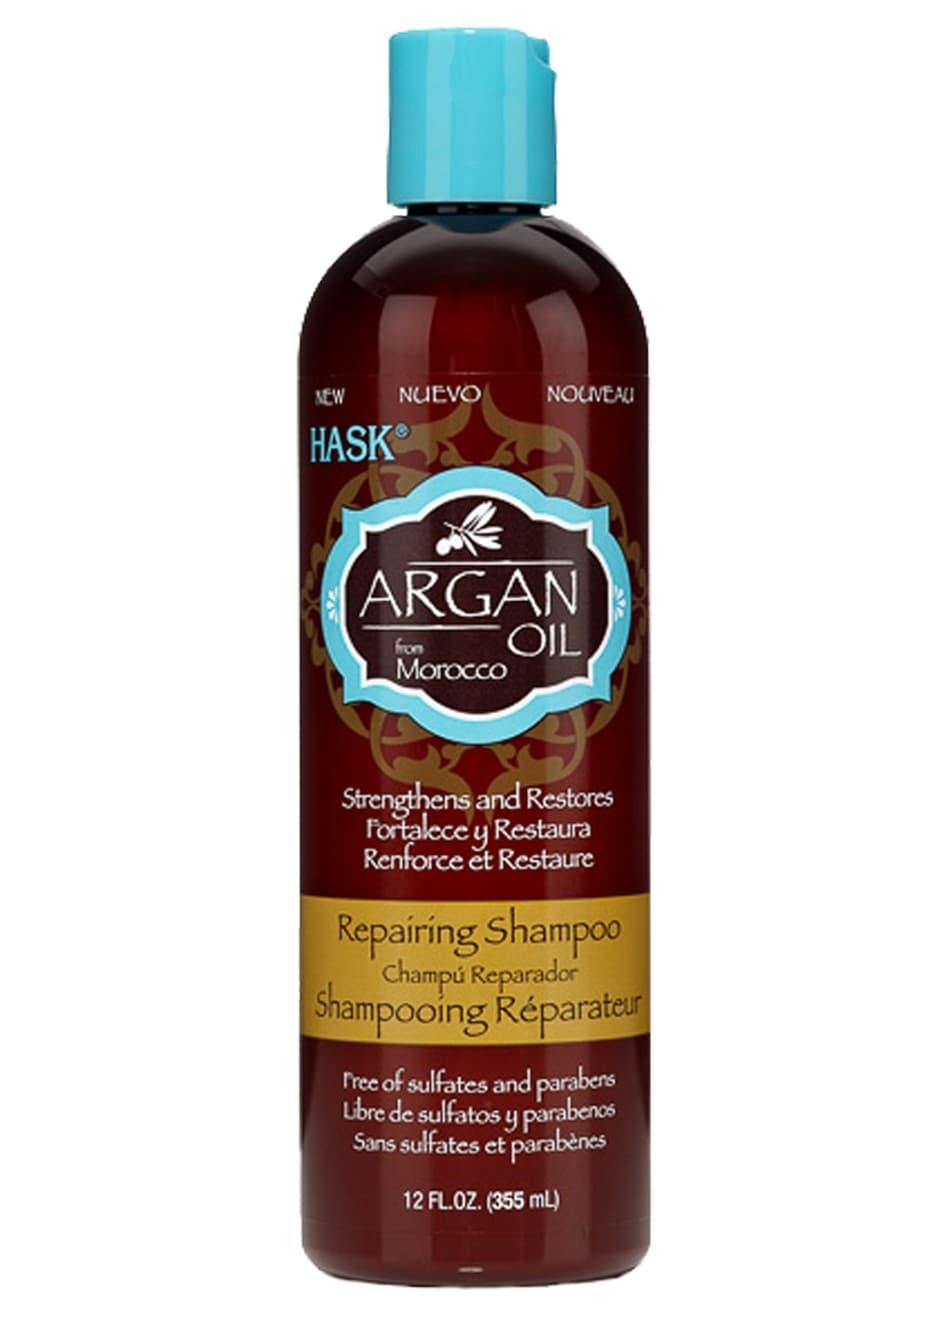 Hask Argan Oil Восстанавливающий Шампунь Для Волос С Аргановым Маслом